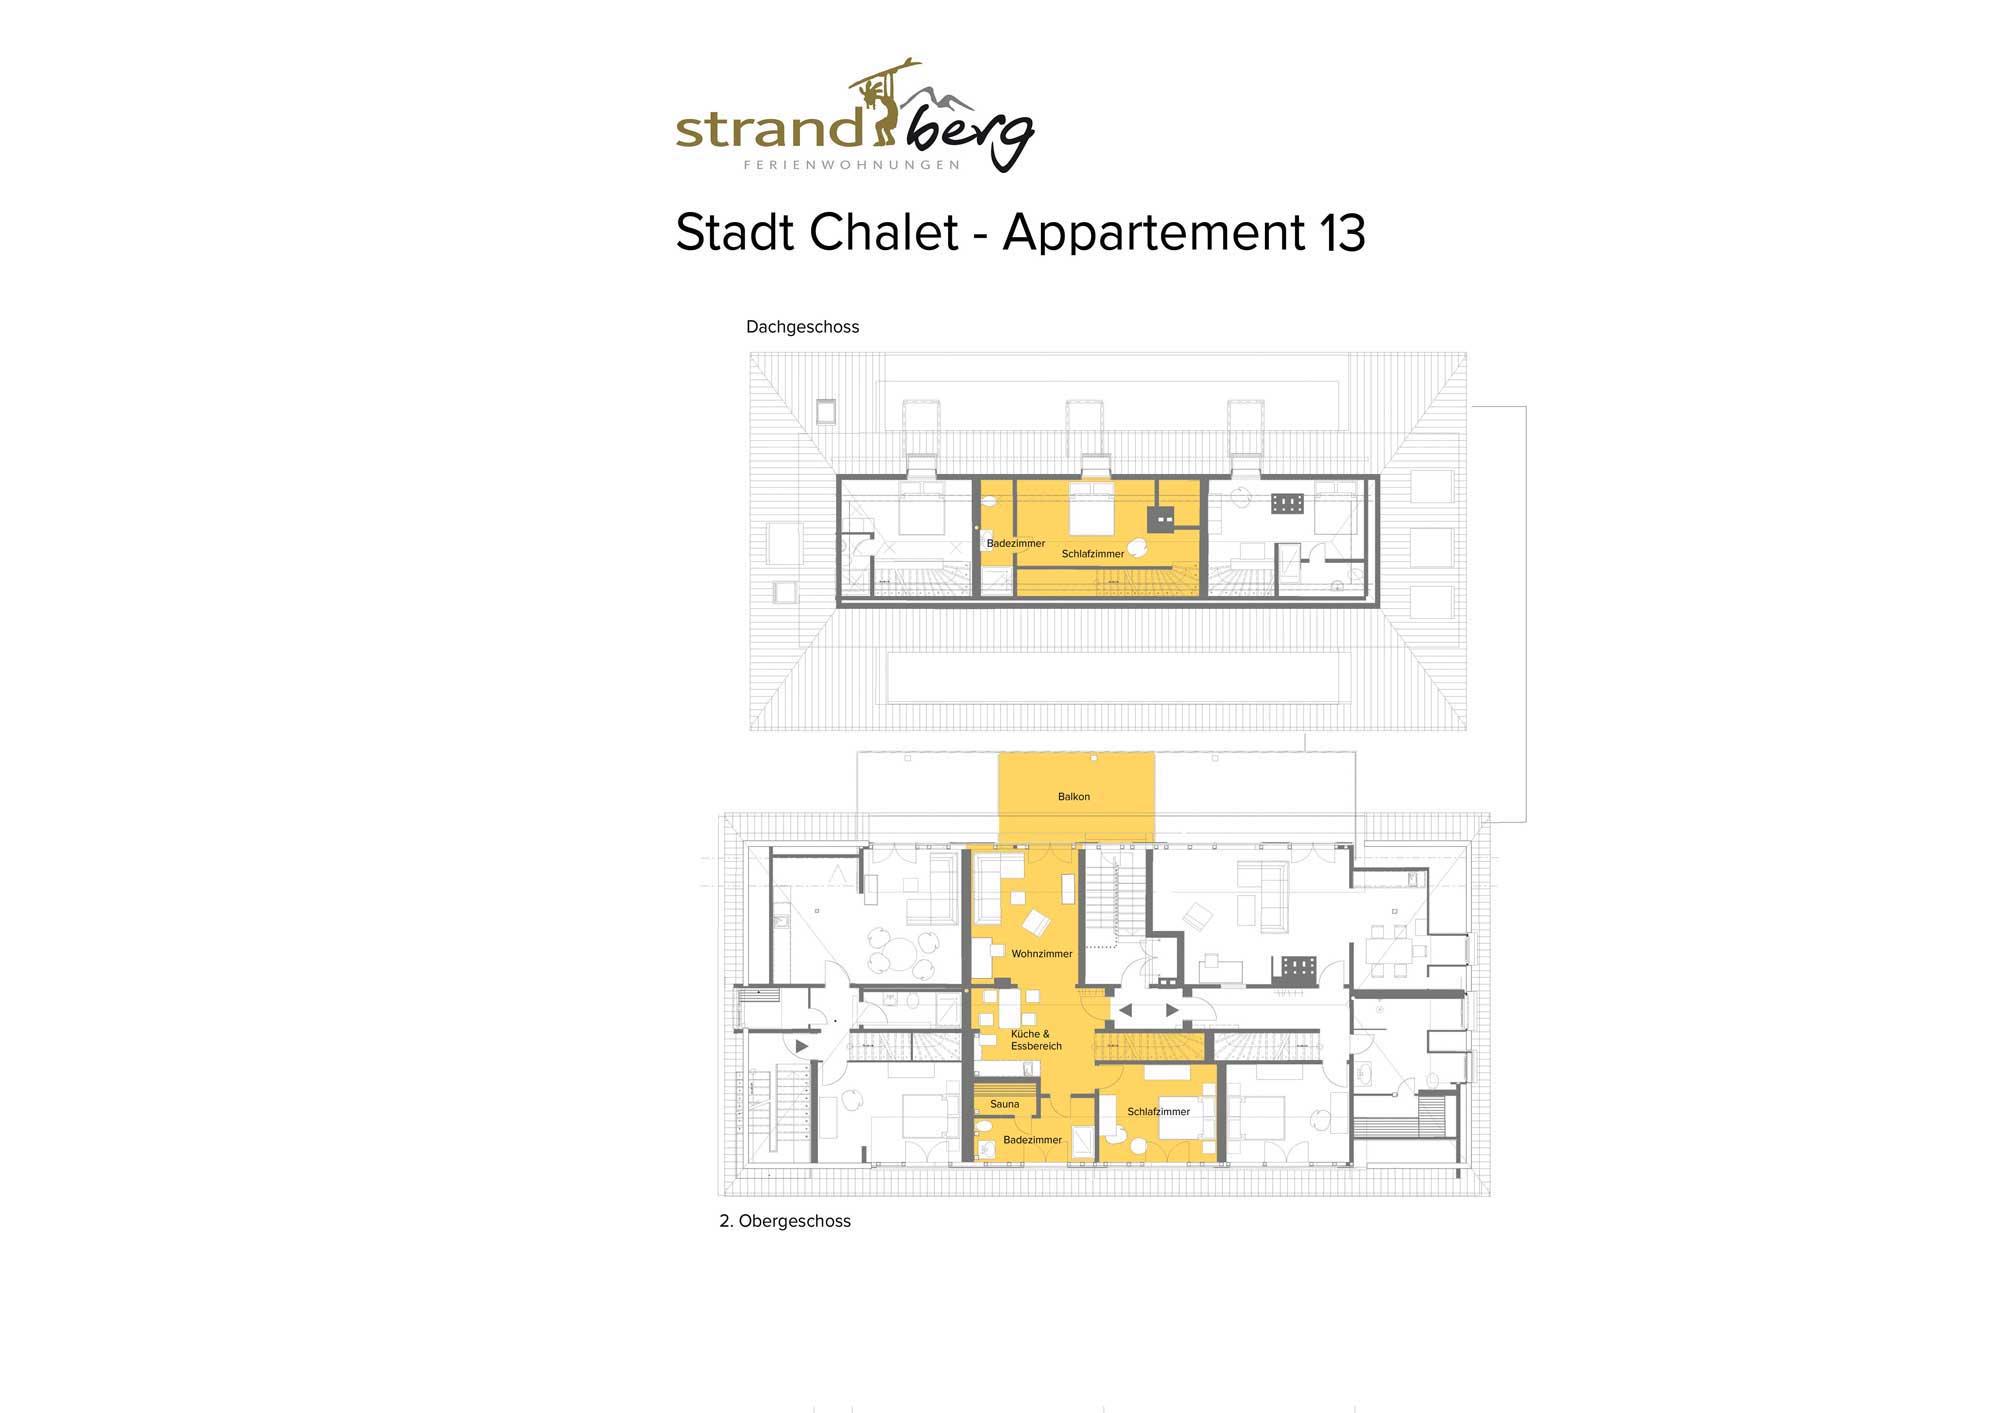 Stadt Chalet Appartement 13 - Grundriss